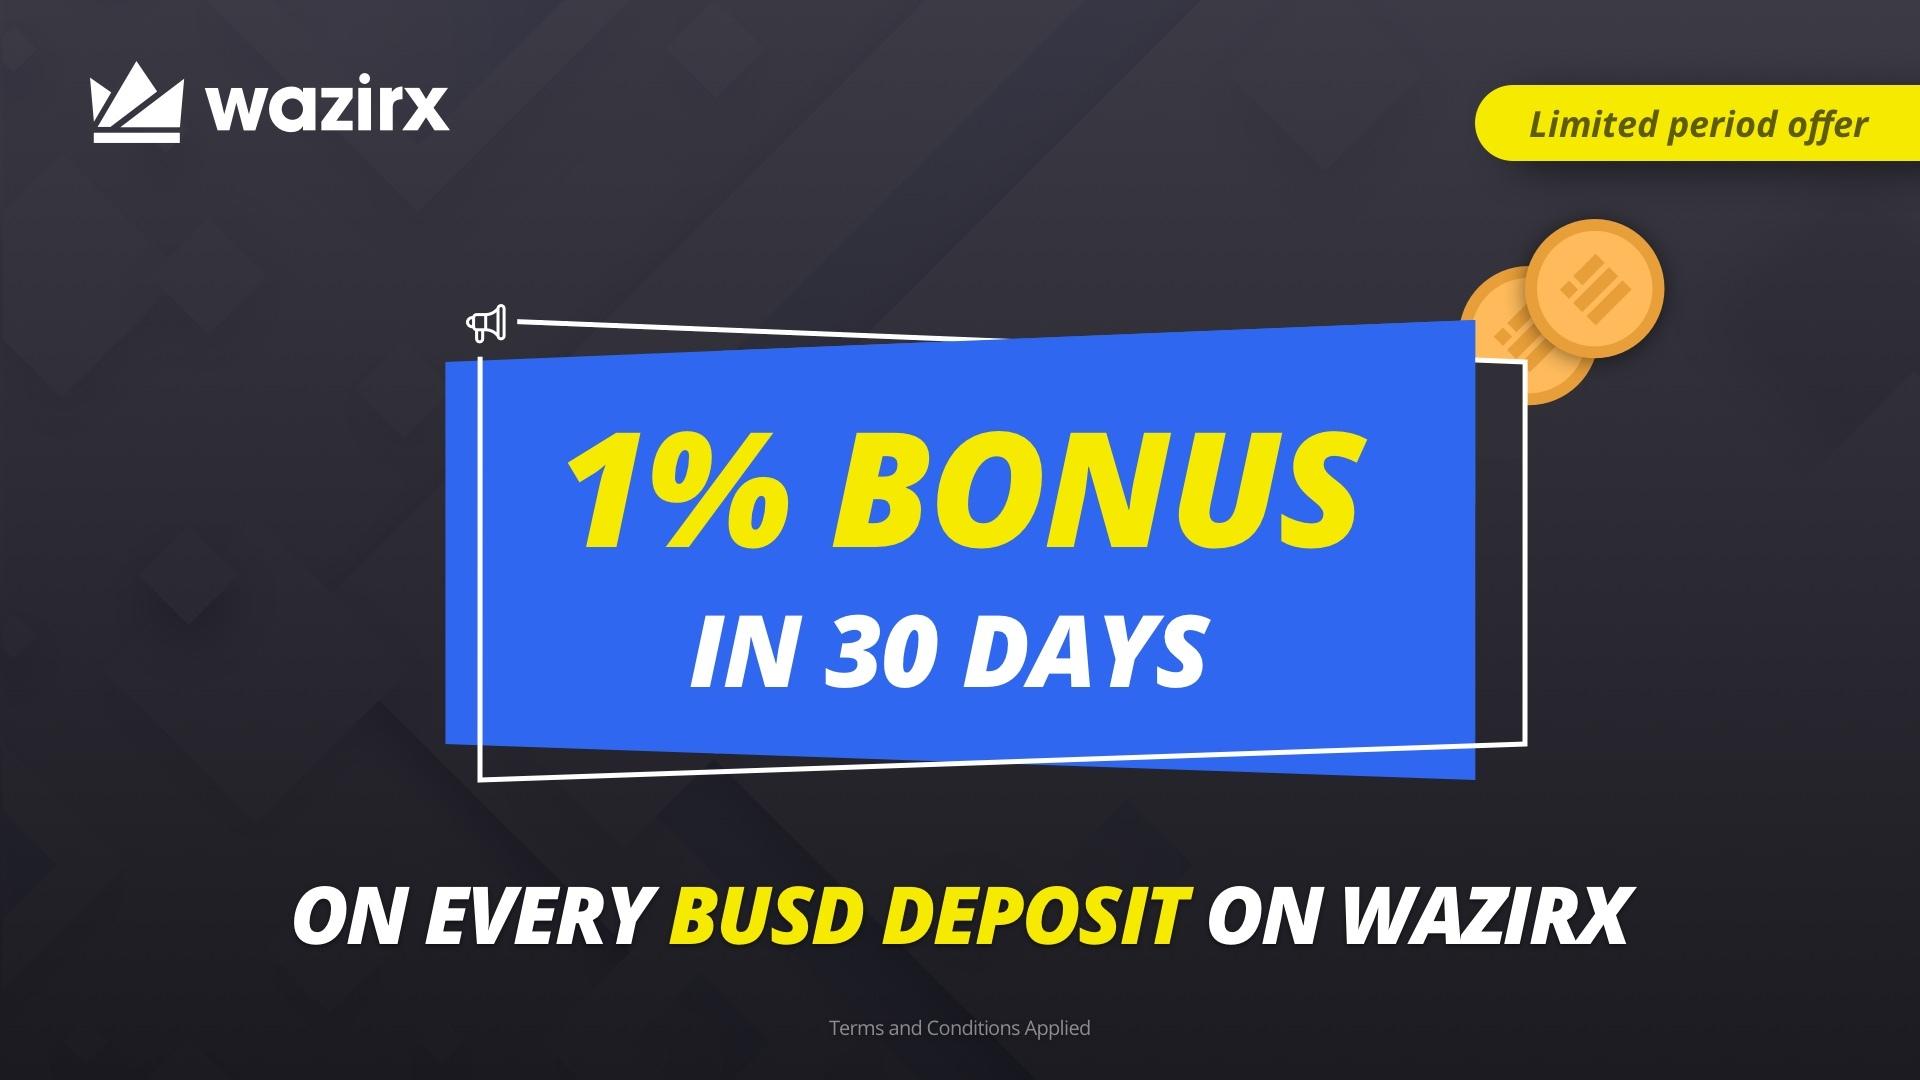 「Wazirx」BUSDを入金するたびに1%ボーナスを獲得できます!